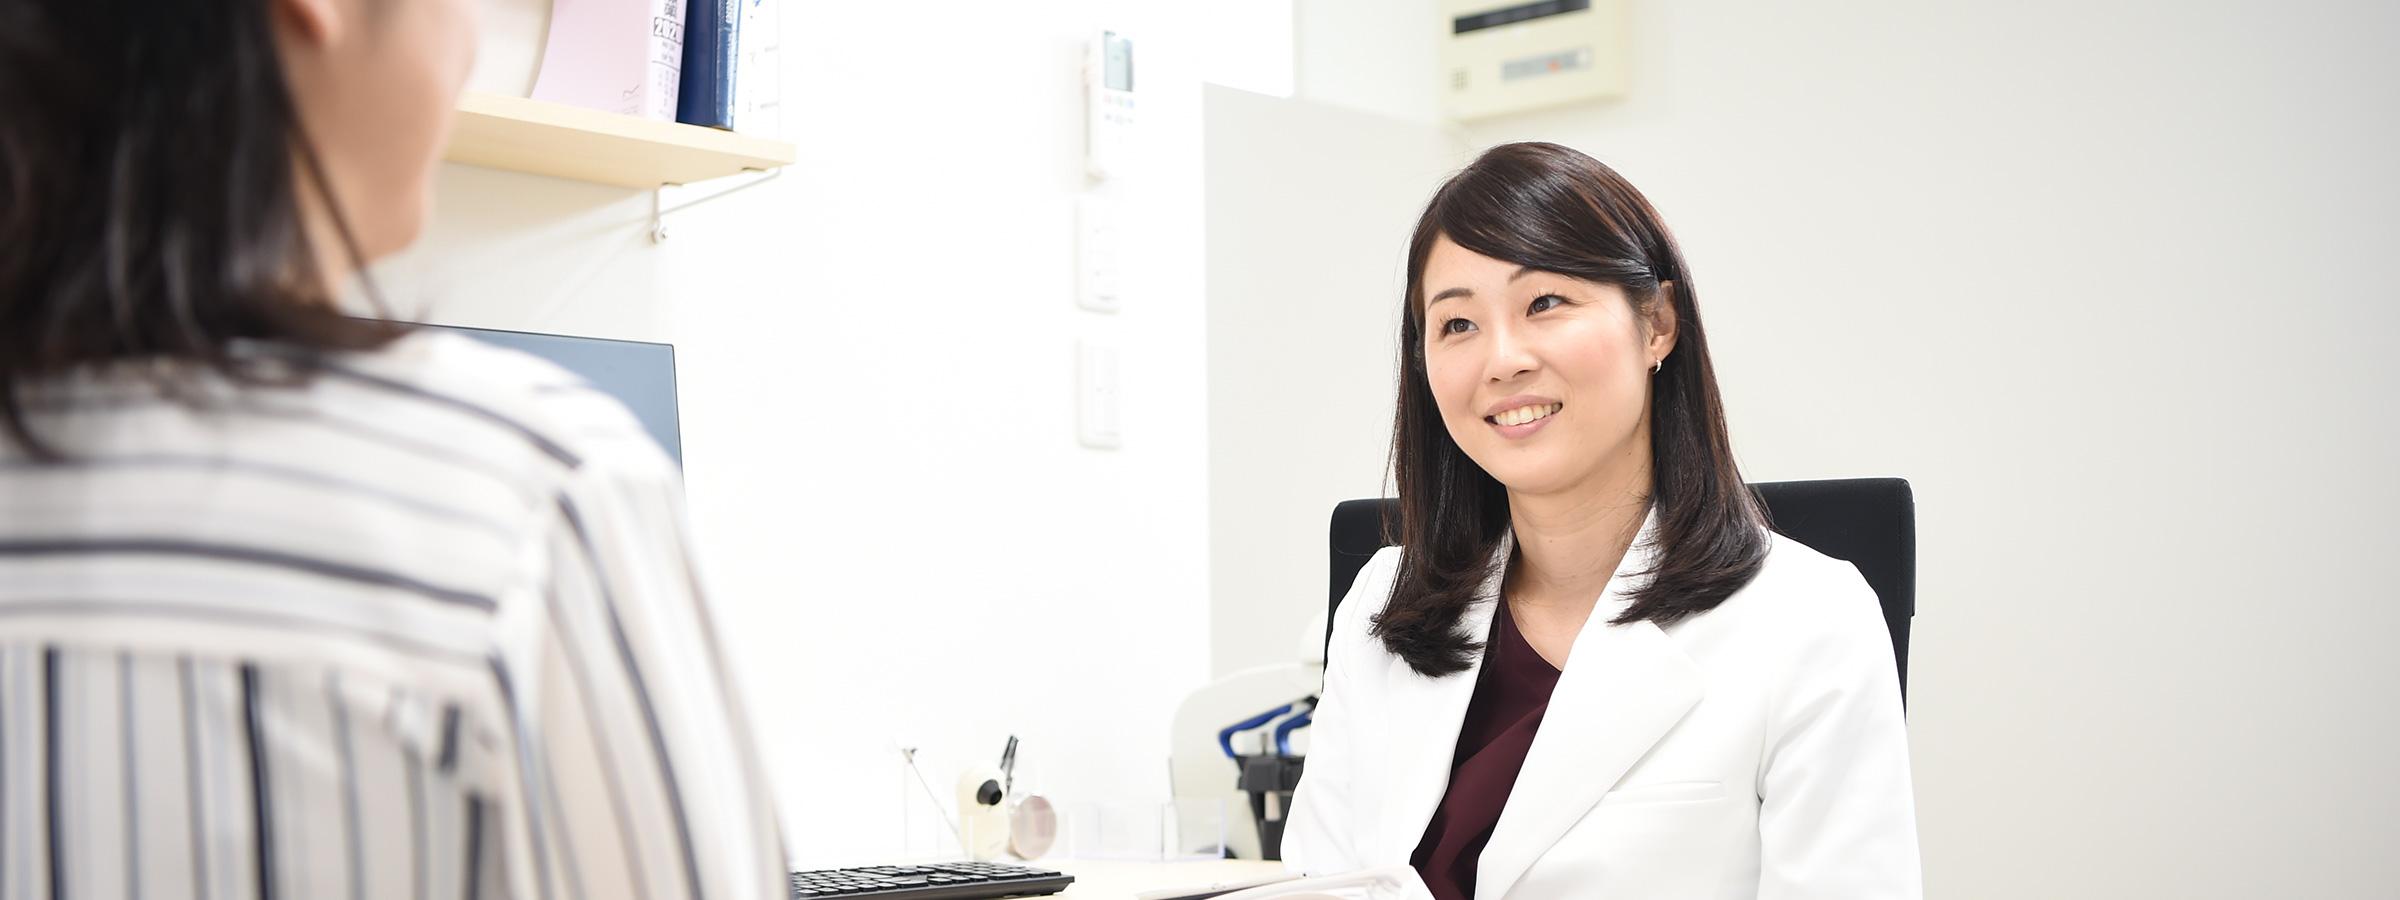 大学病院で培った、女性医師による専門性の高い診療